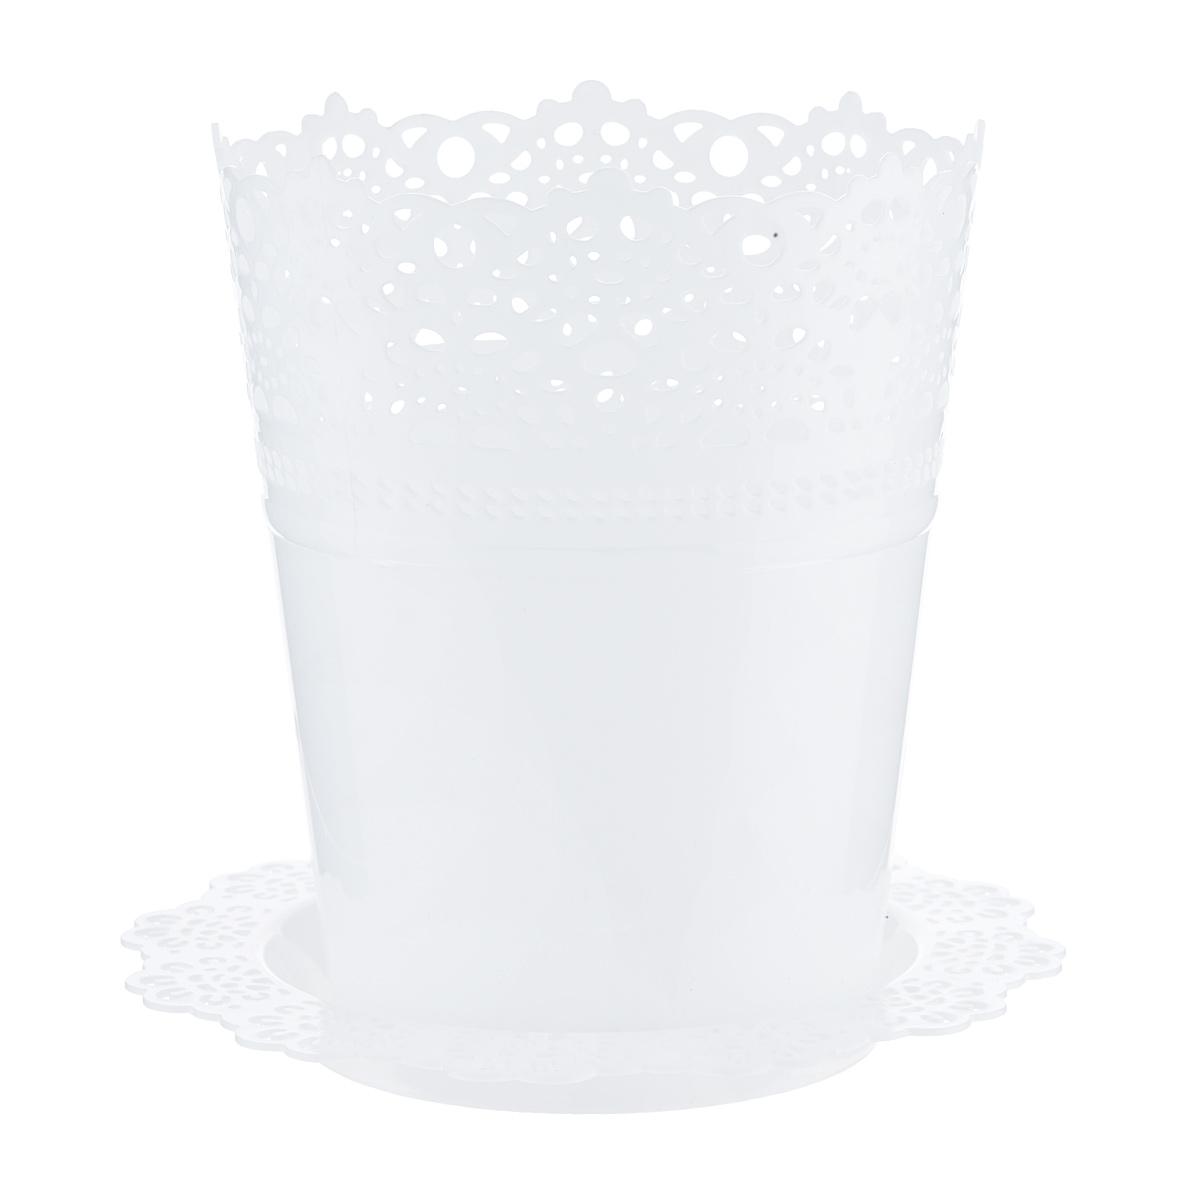 Кашпо Idea Ажур, с подставкой, цвет: белый, диаметр 15 см кашпо idea верона с подставкой цвет белый диаметр 18 см